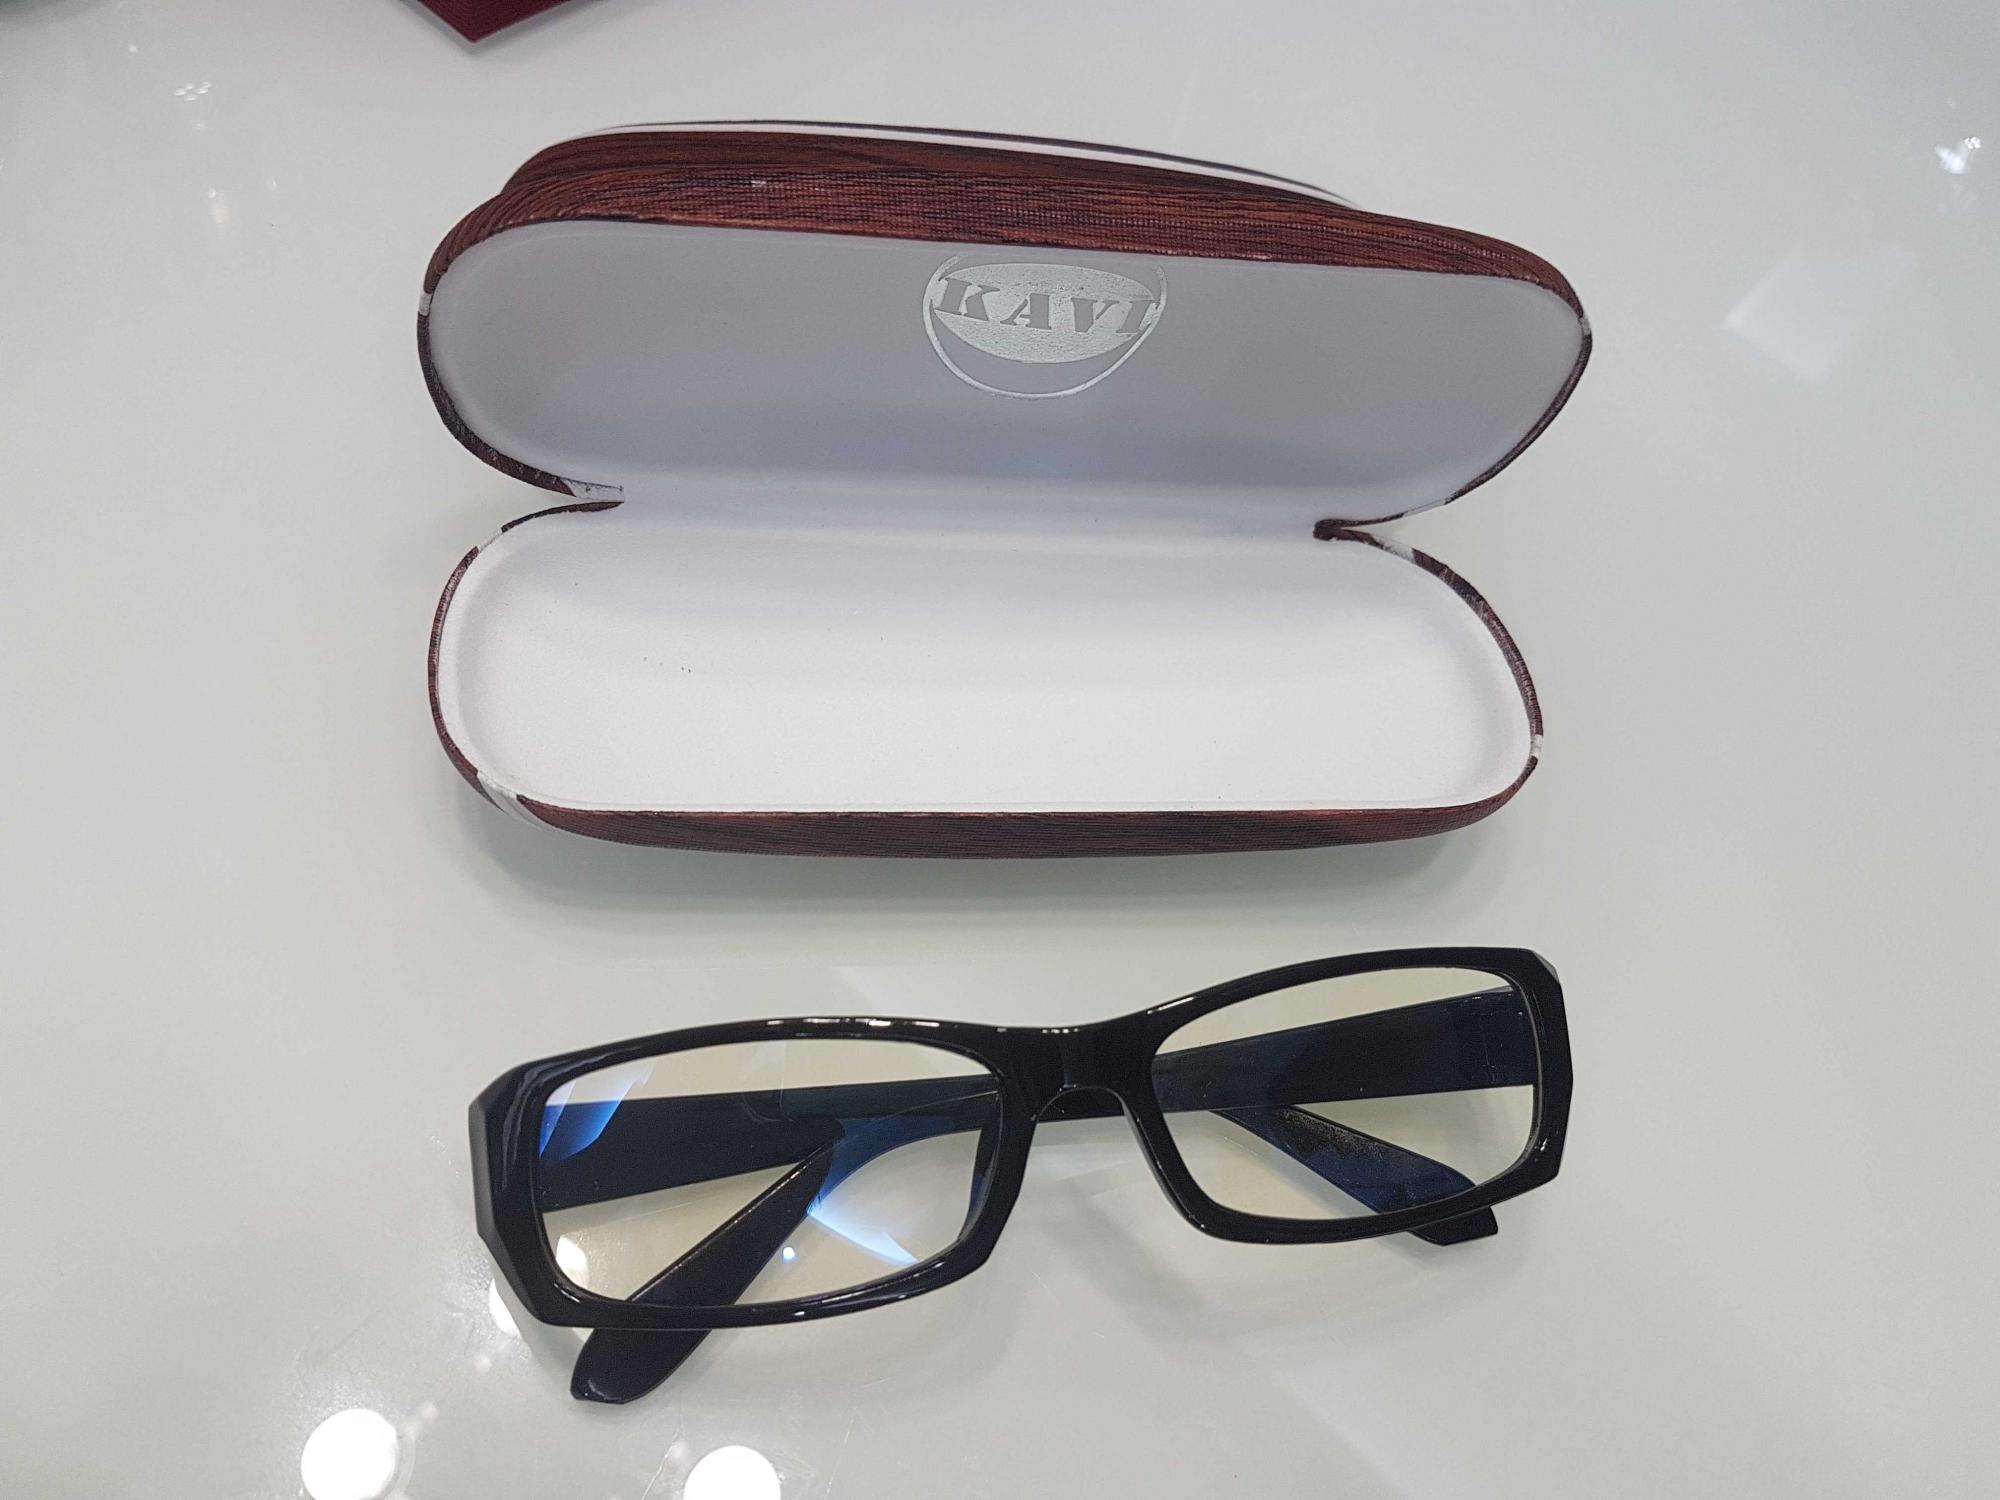 Kính bảo vệ mắt khi dùng máy tính, điện thoại, chơi game Kavi KC005 2